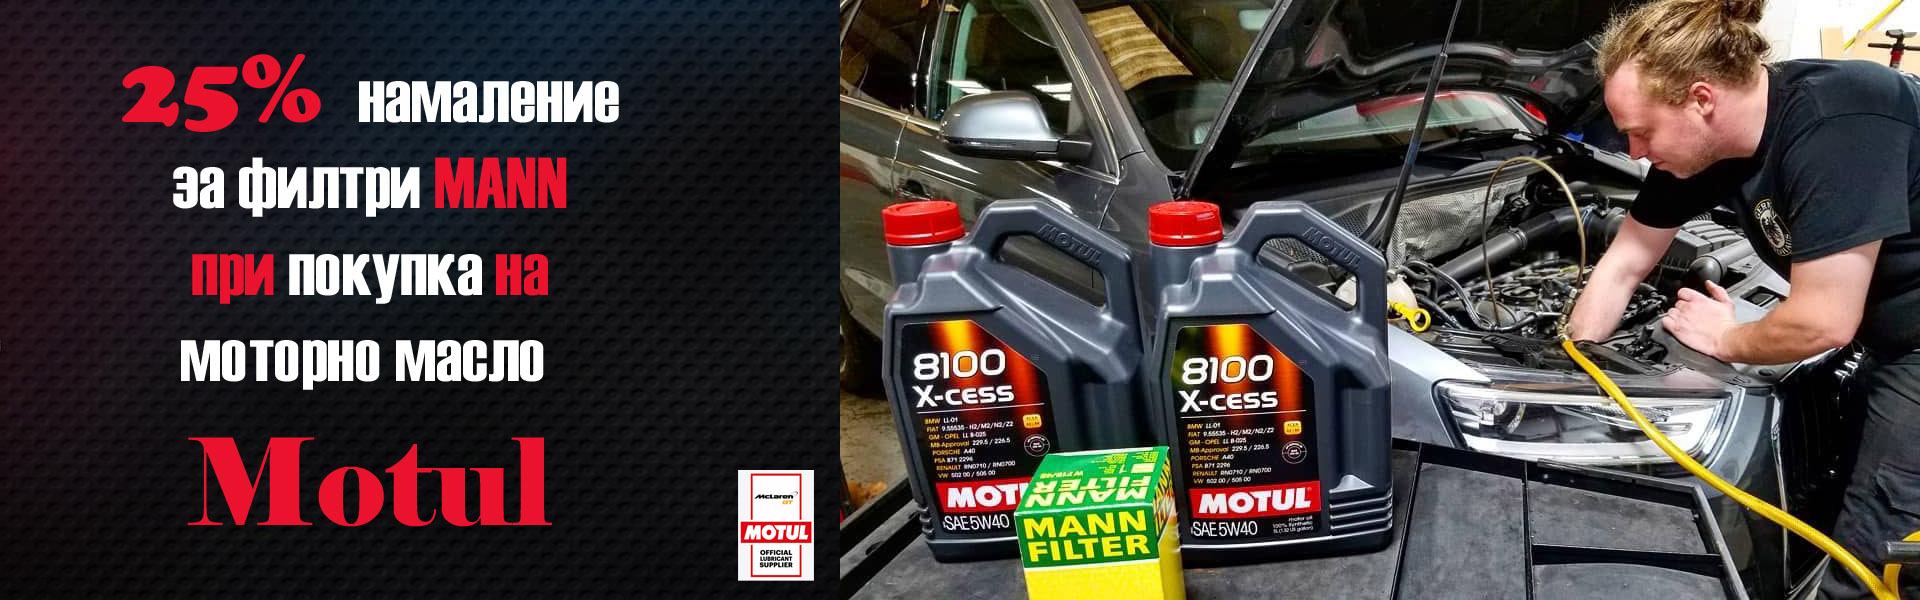 Намеление на моторни масла Motul и филтри MANN